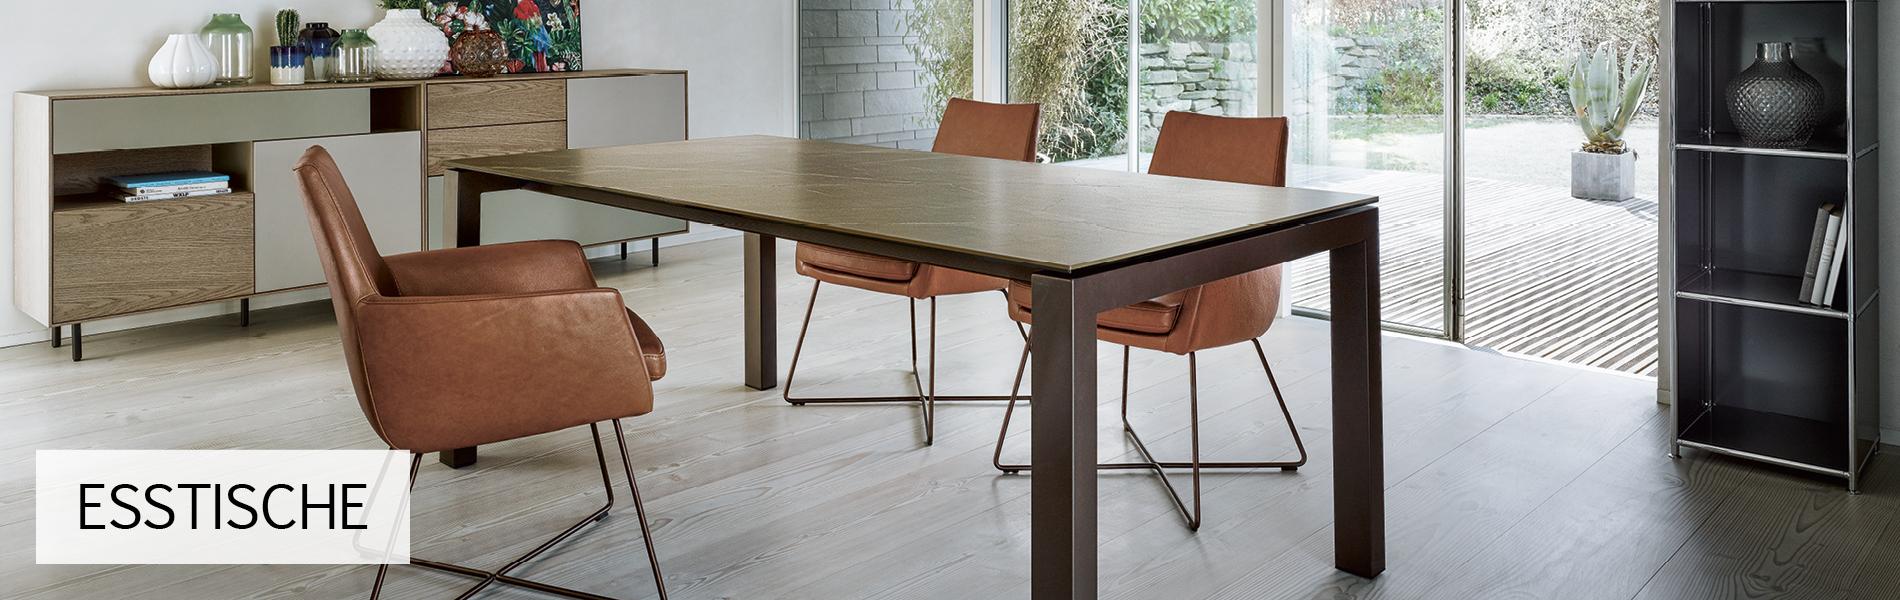 Full Size of Esstische Massivholz Designer Kleine Design Holz Rund Ausziehbar Runde Moderne Massiv Esstische Esstische